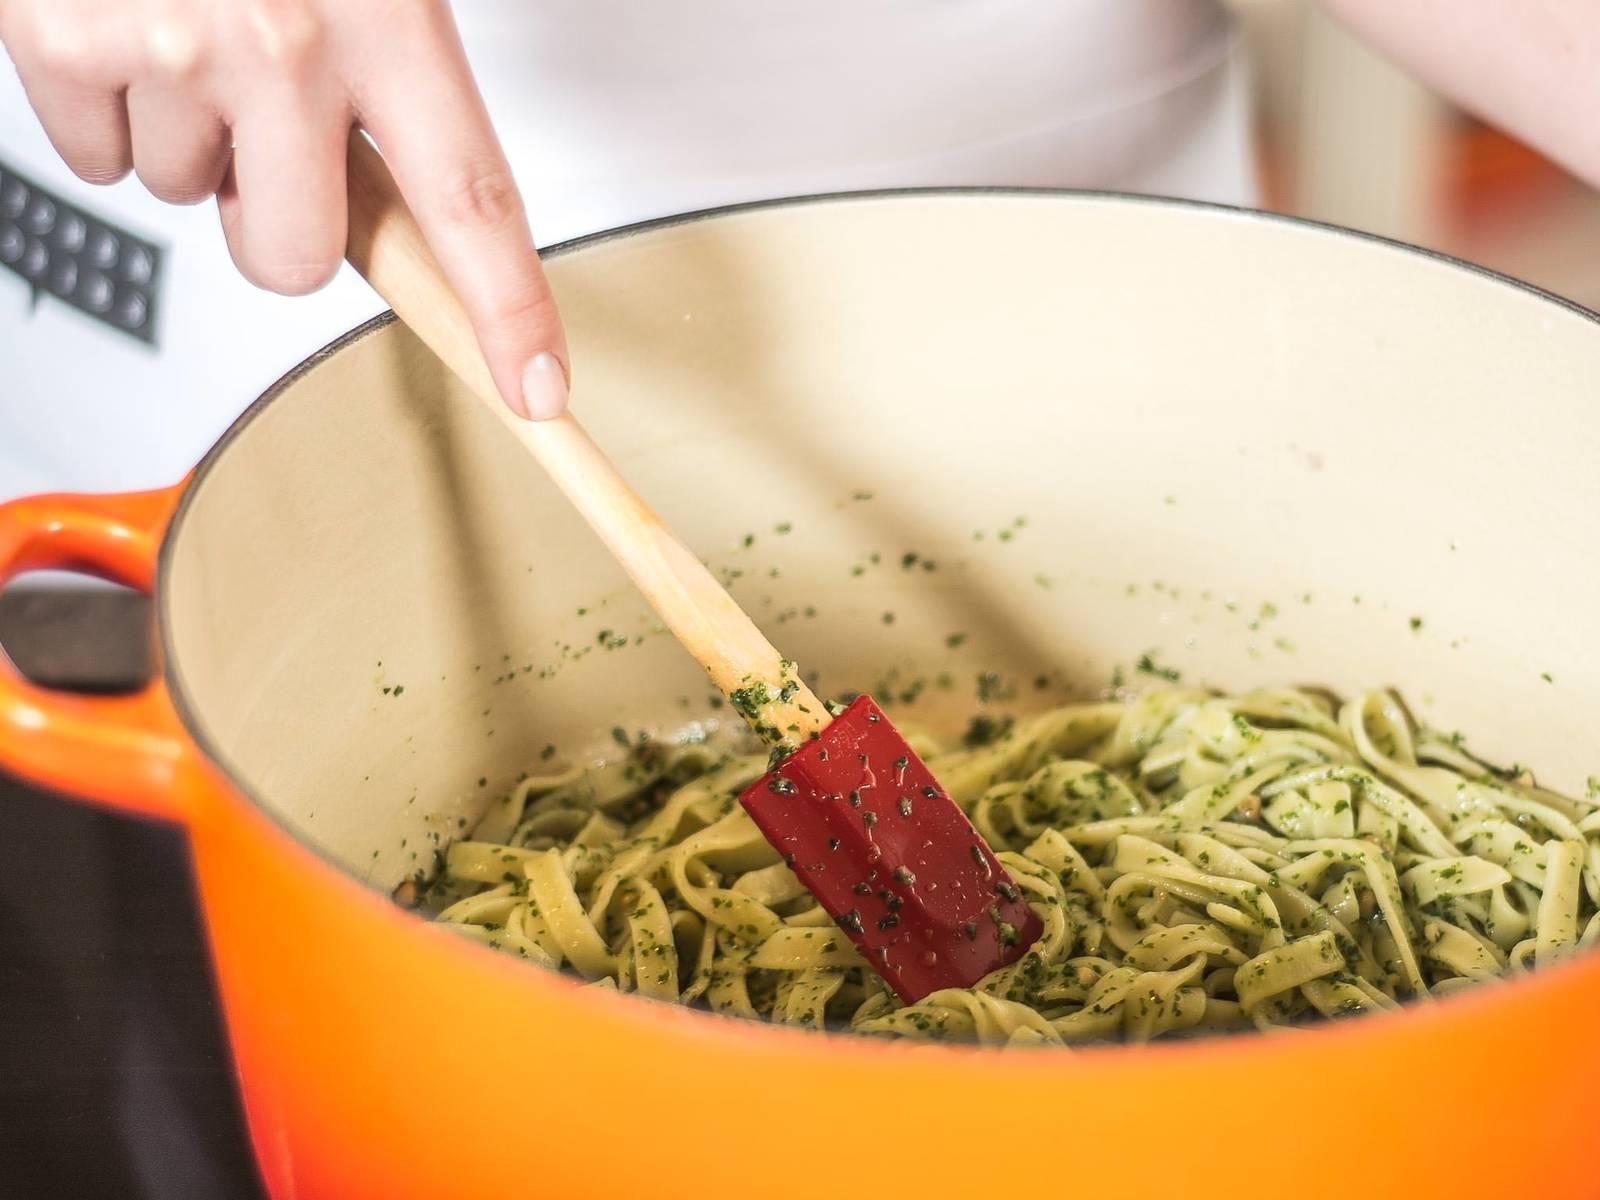 Die Tagliatelle anschließend im Pesto schwenken. Hierfür gern den zuvor genutzten Nudeltopf verwenden. Zum Servieren den geschnittenen Bresaola auf der Pasta verteilen.